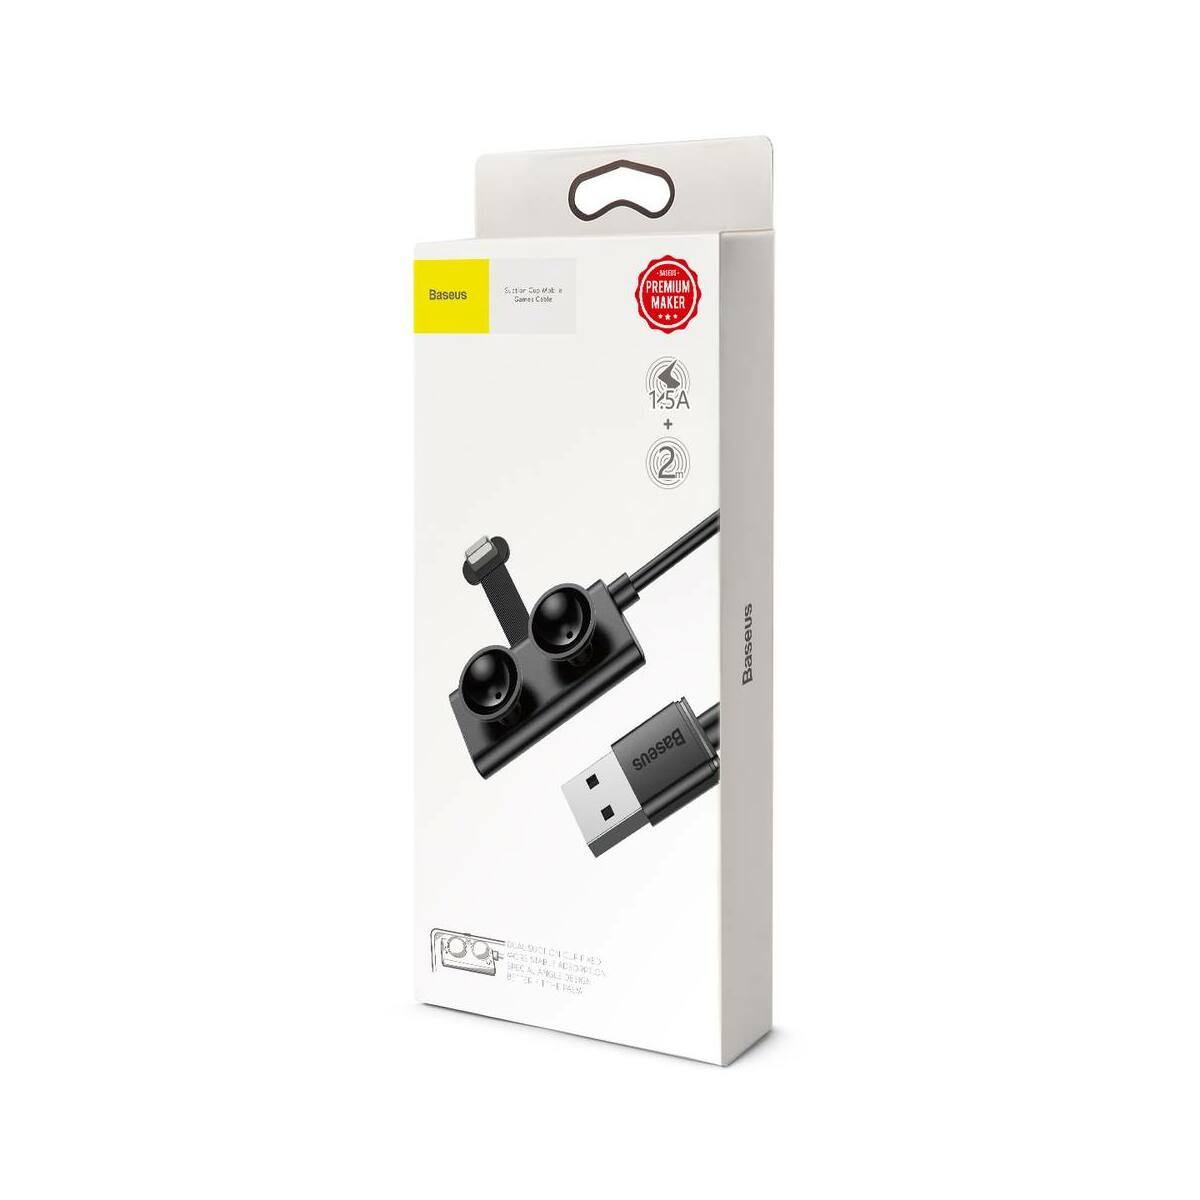 Baseus Lightning Gamer tapadókoronggal fixálható töltőkábel, 1.5A, 2m, fekete (CALXP-B01)